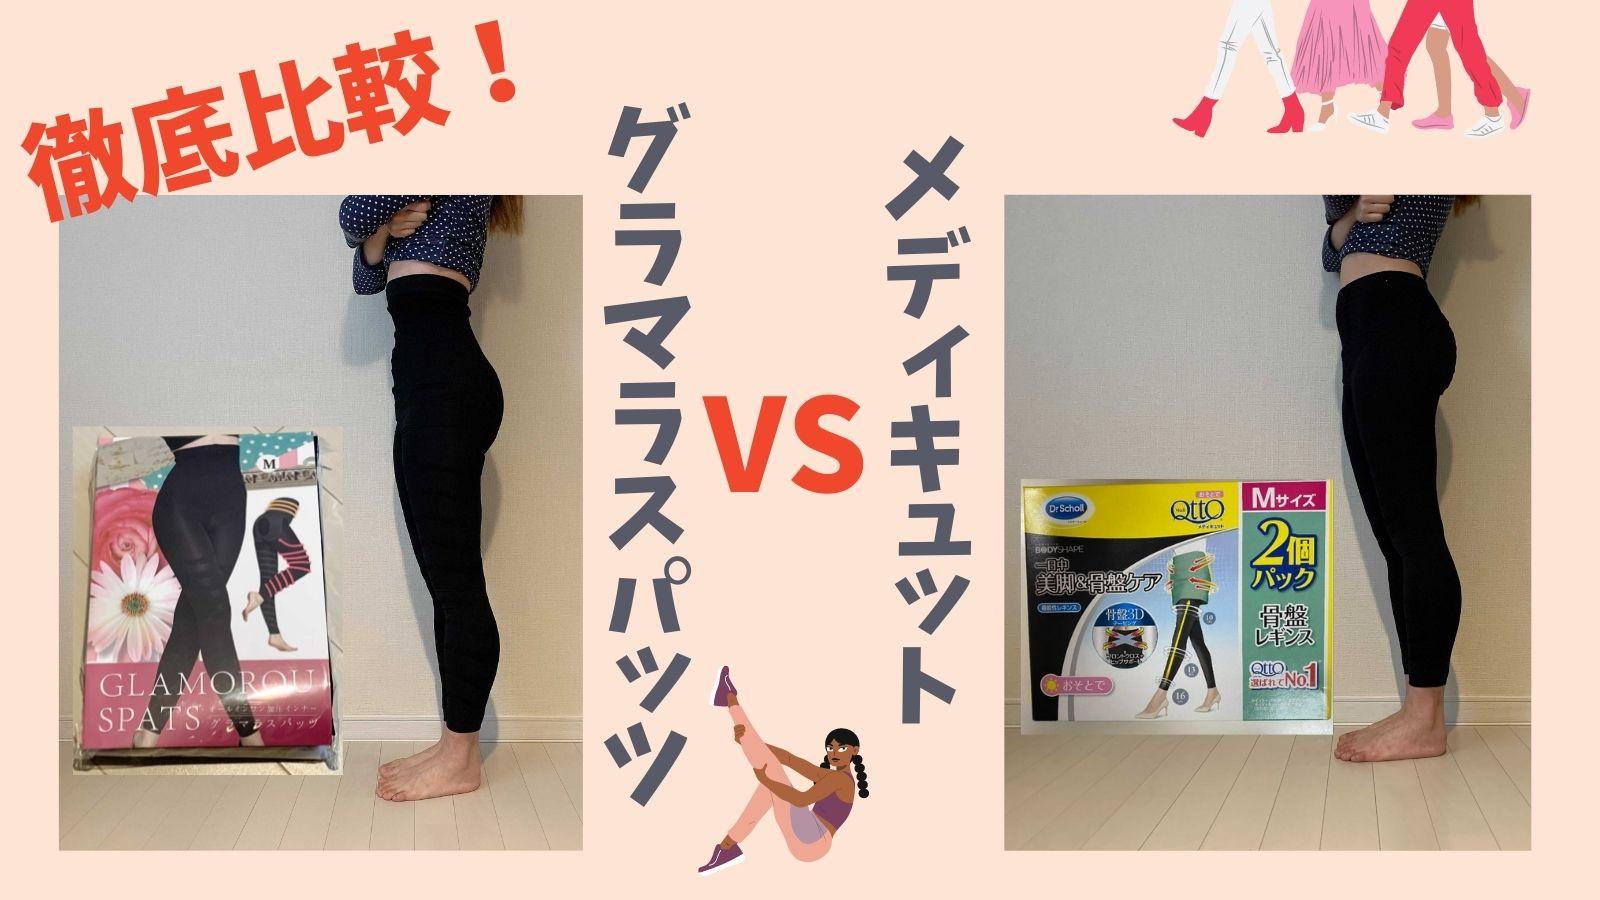 グラマラスパッツとメディキュットを比較【実際に履いて比べてみた】